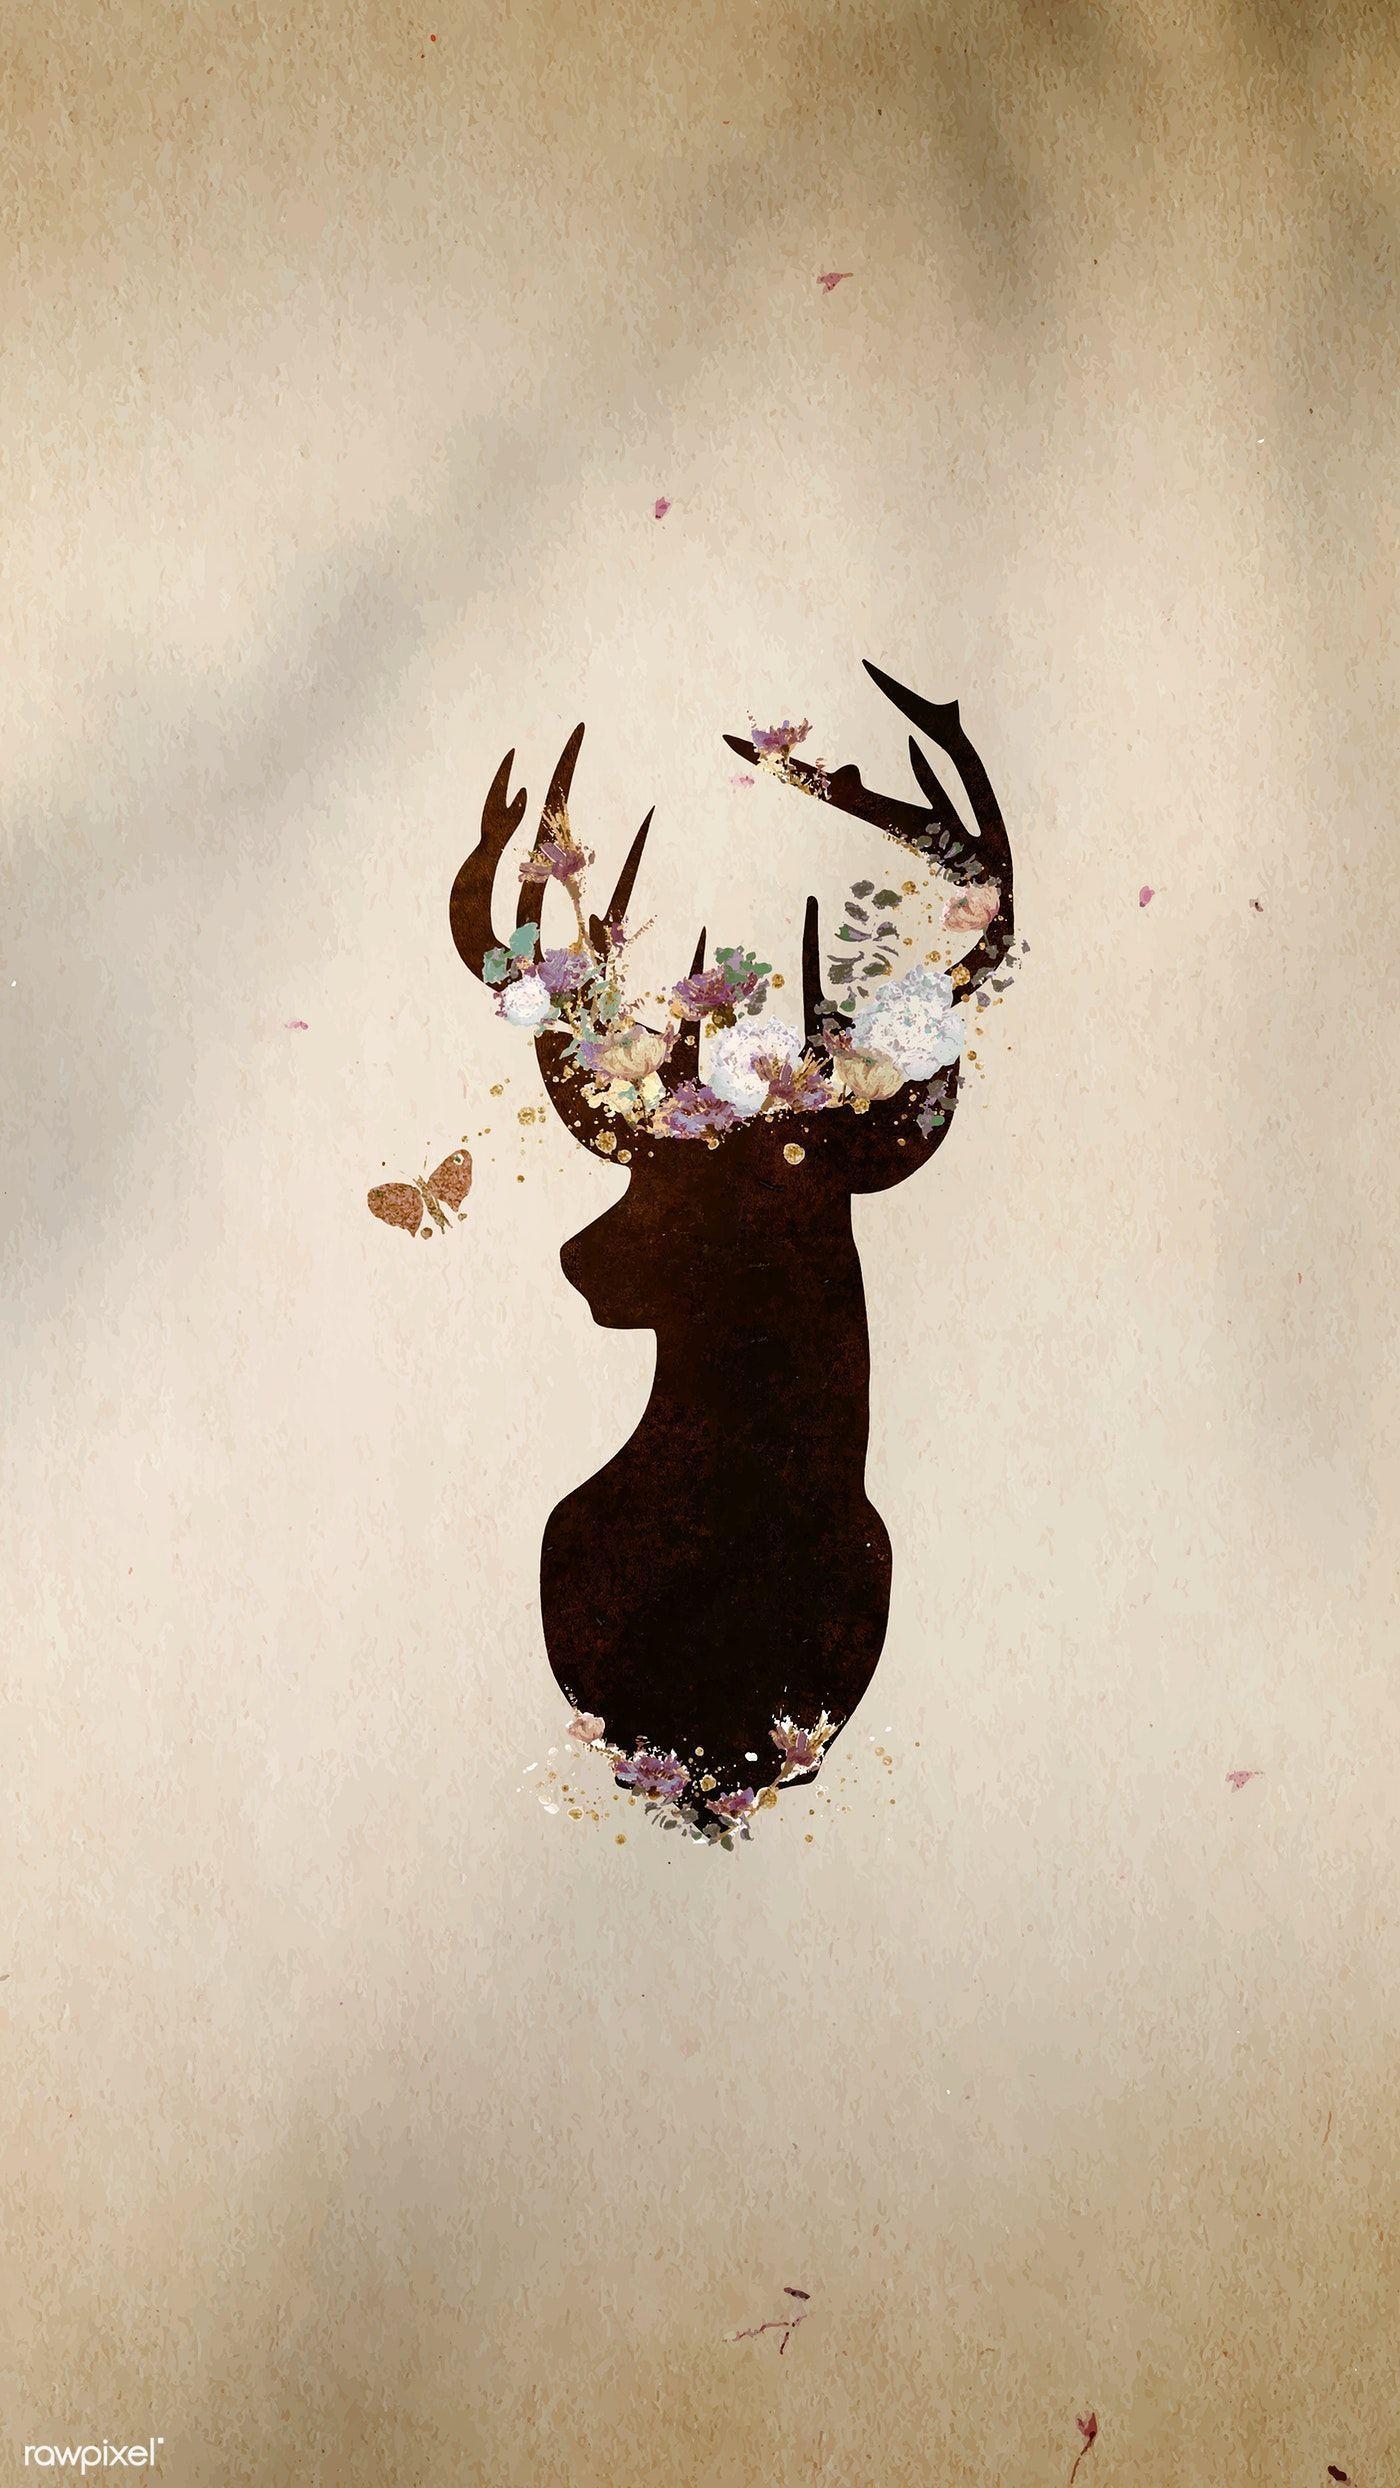 Cute Deer Wallpapers - Top Free Cute ...